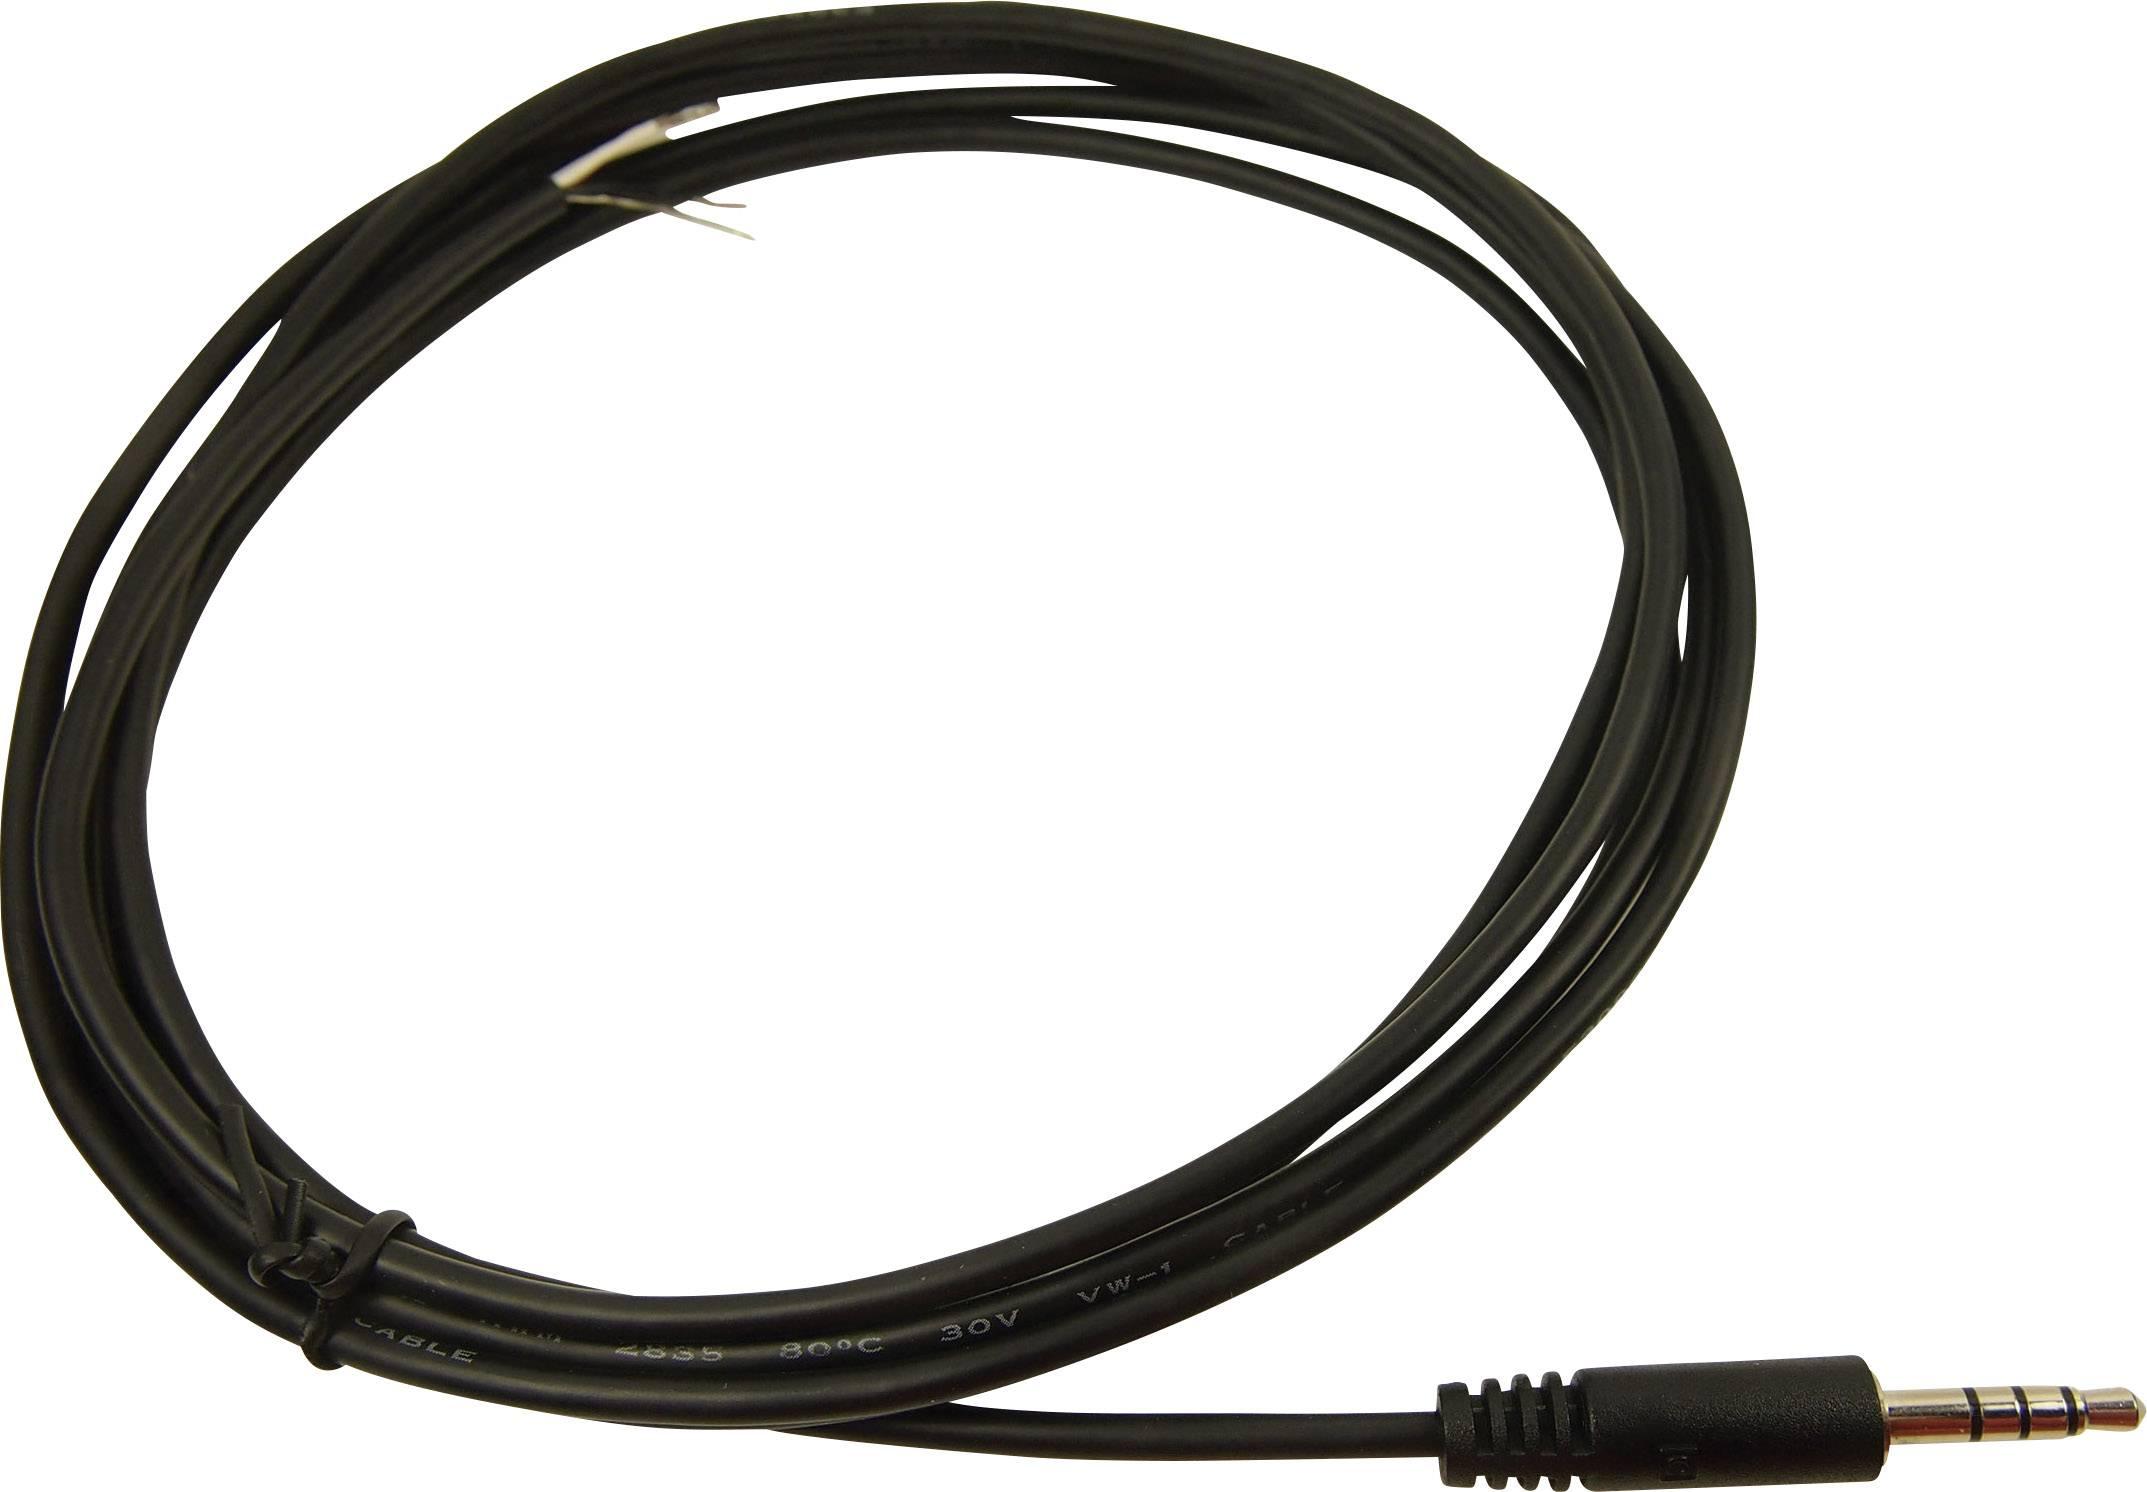 Jack kabel Cliff FC68122C, jack zástrčka 3,5 mm - kabel, otevřené konce, stereo, pólů 4, 1 ks